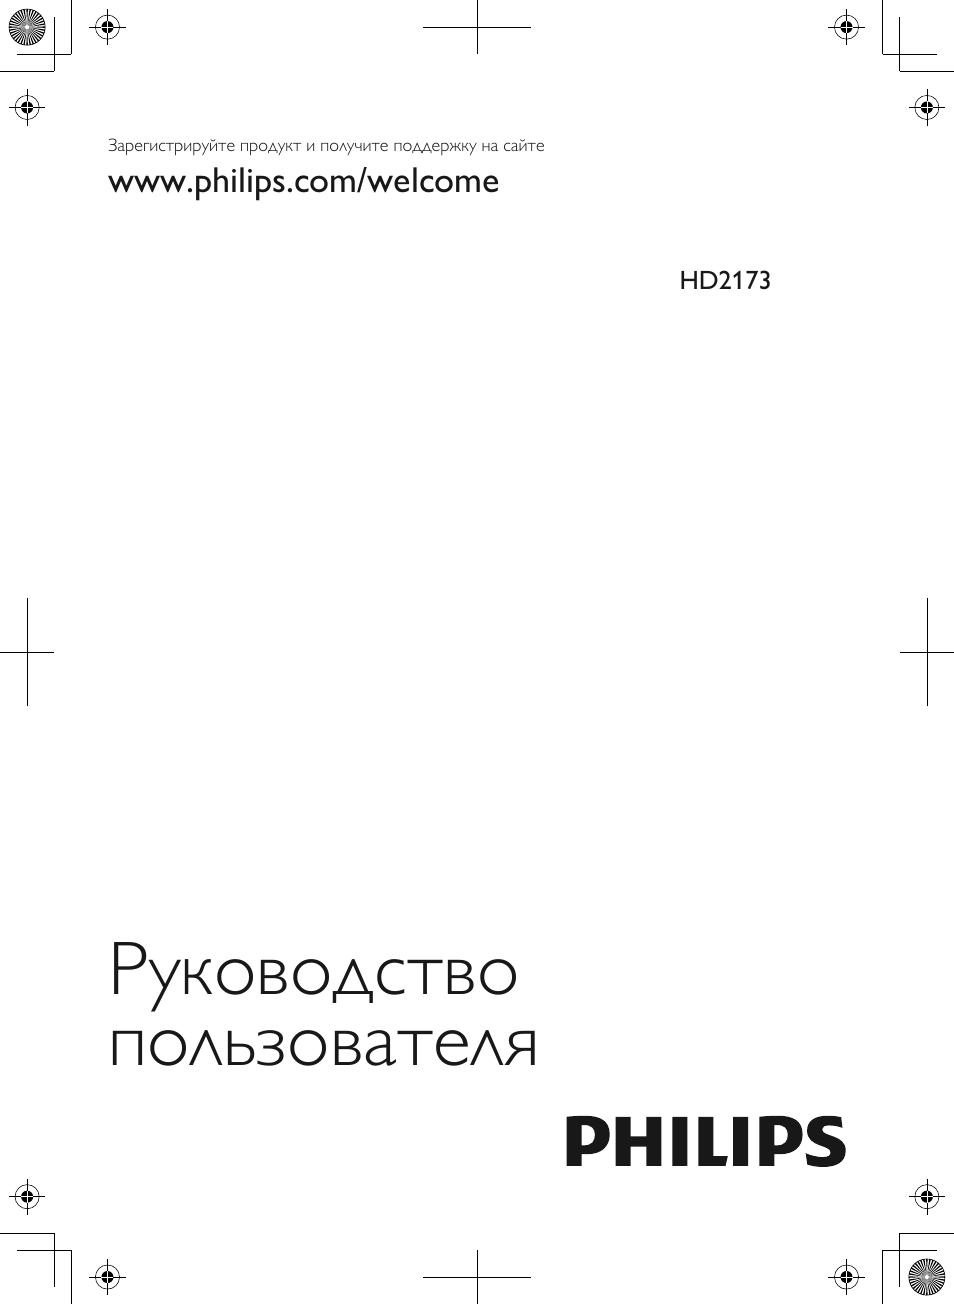 Зарегистрируйте продукт и получите поддержку на сайте www.ph.